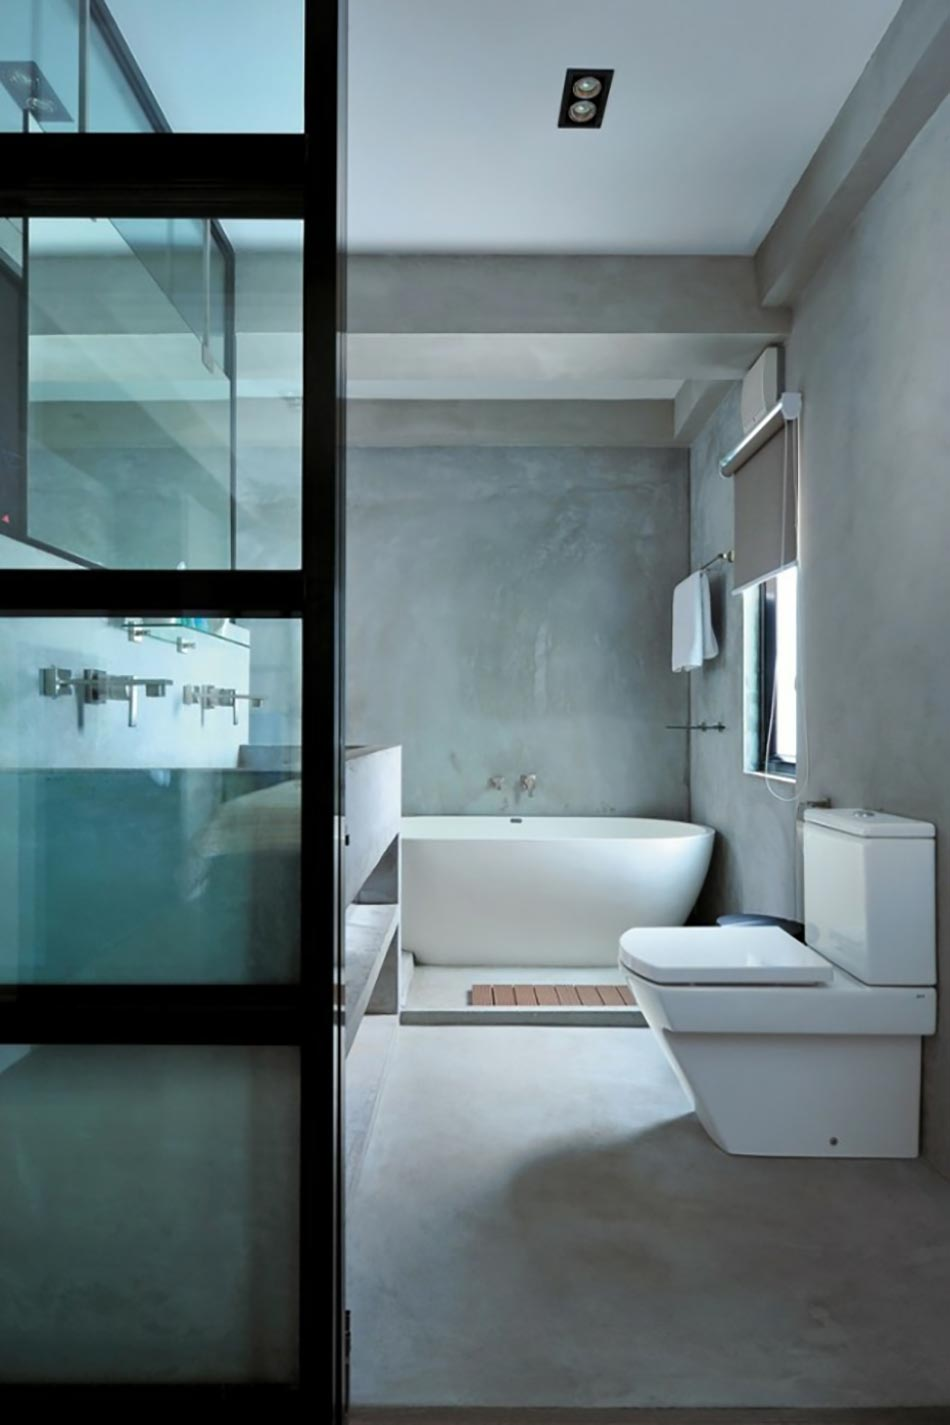 16 id es b ton pour des salles de bain design - Salles de bains design ...